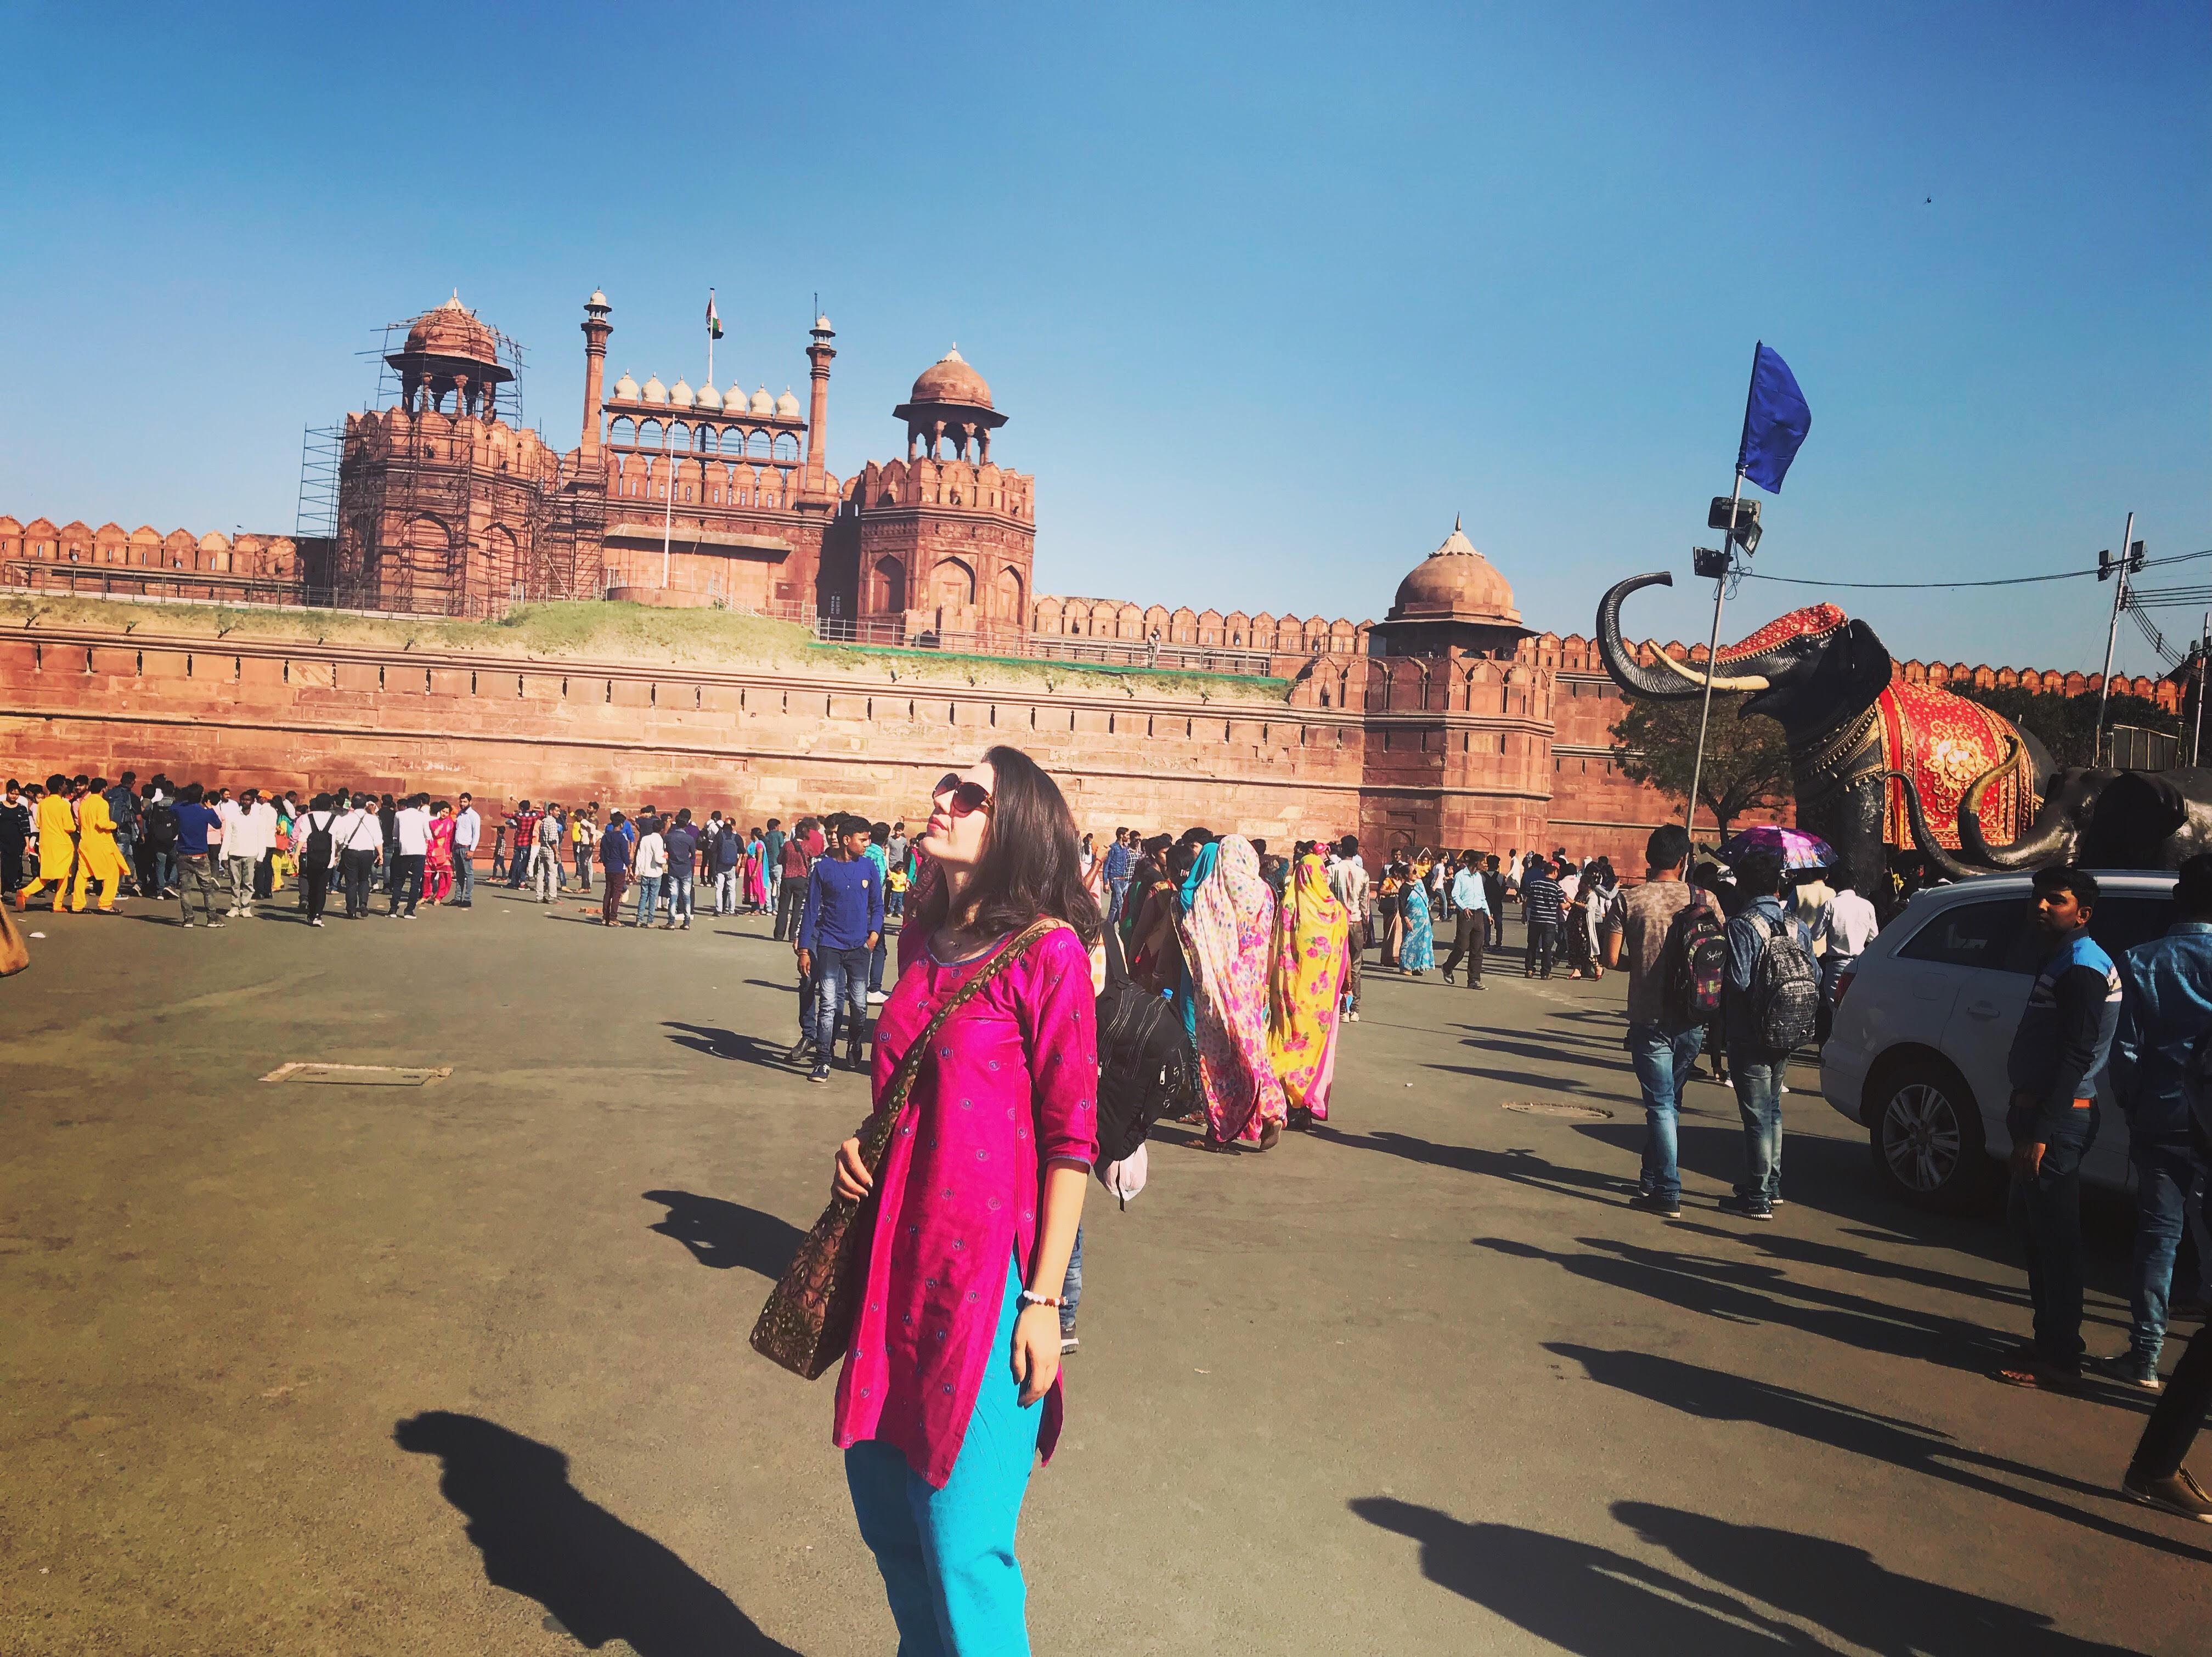 hindistan gezilecek yerler - red fort